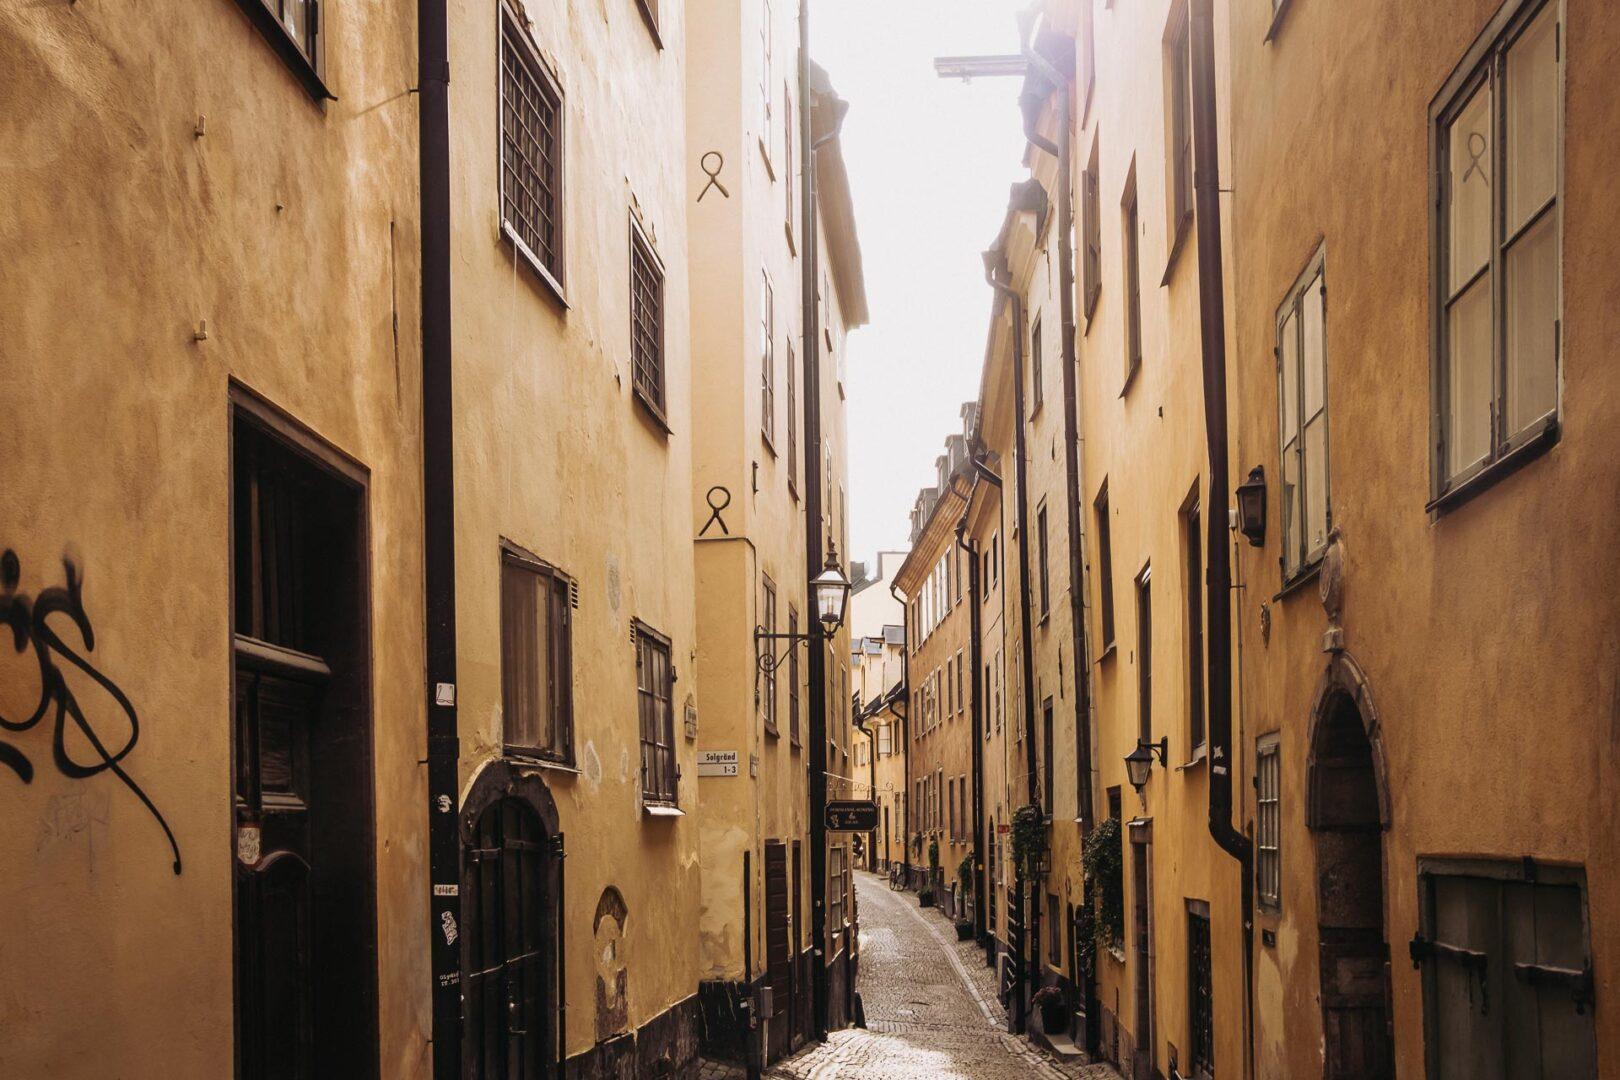 Instagramvänliga platser Stockholm, Gamla stan, Prästgatan